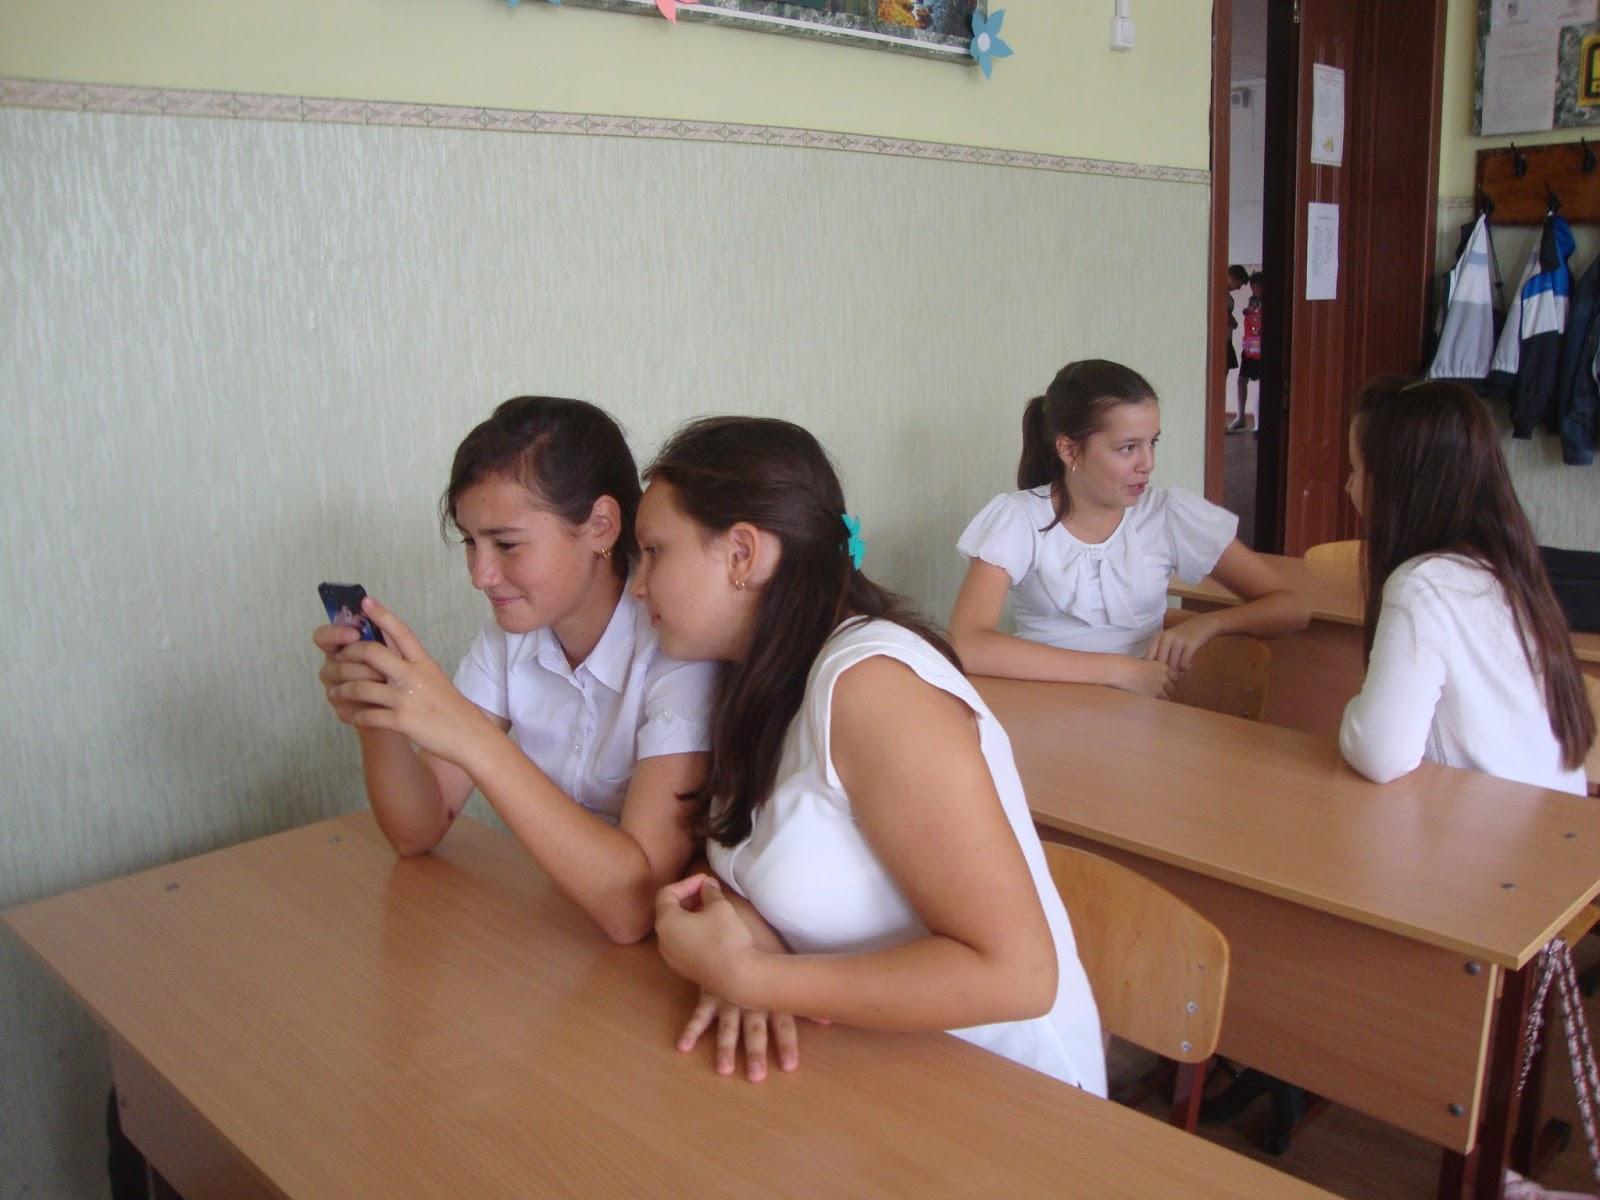 Фото секса на переменах в школе, Школьное порно фото с училками 6 фотография